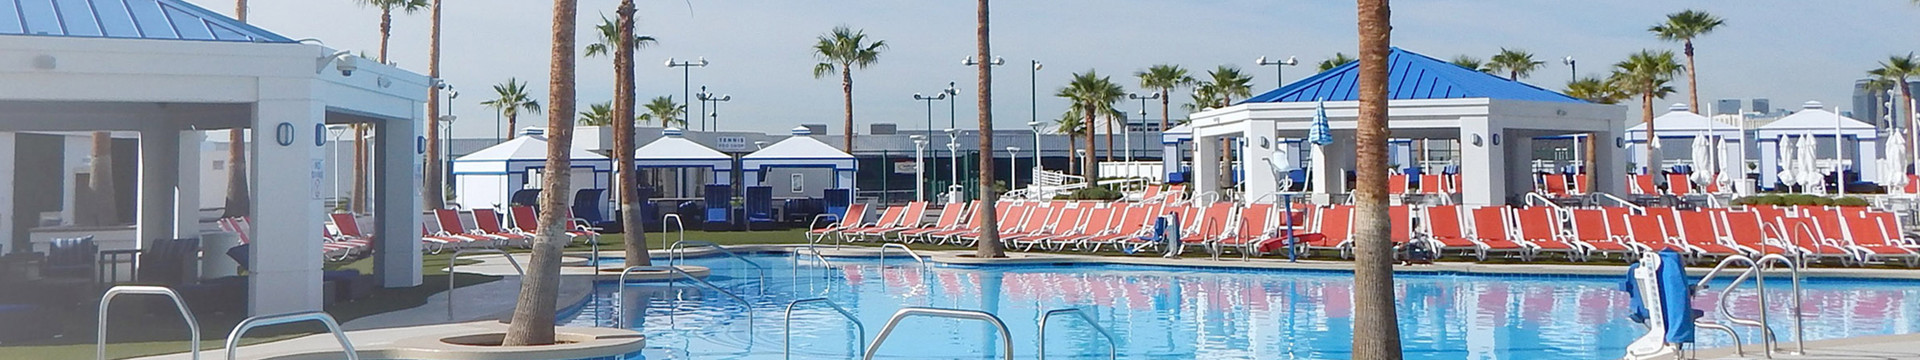 Pool and Cabanas at Westgate Las Vegas Resort